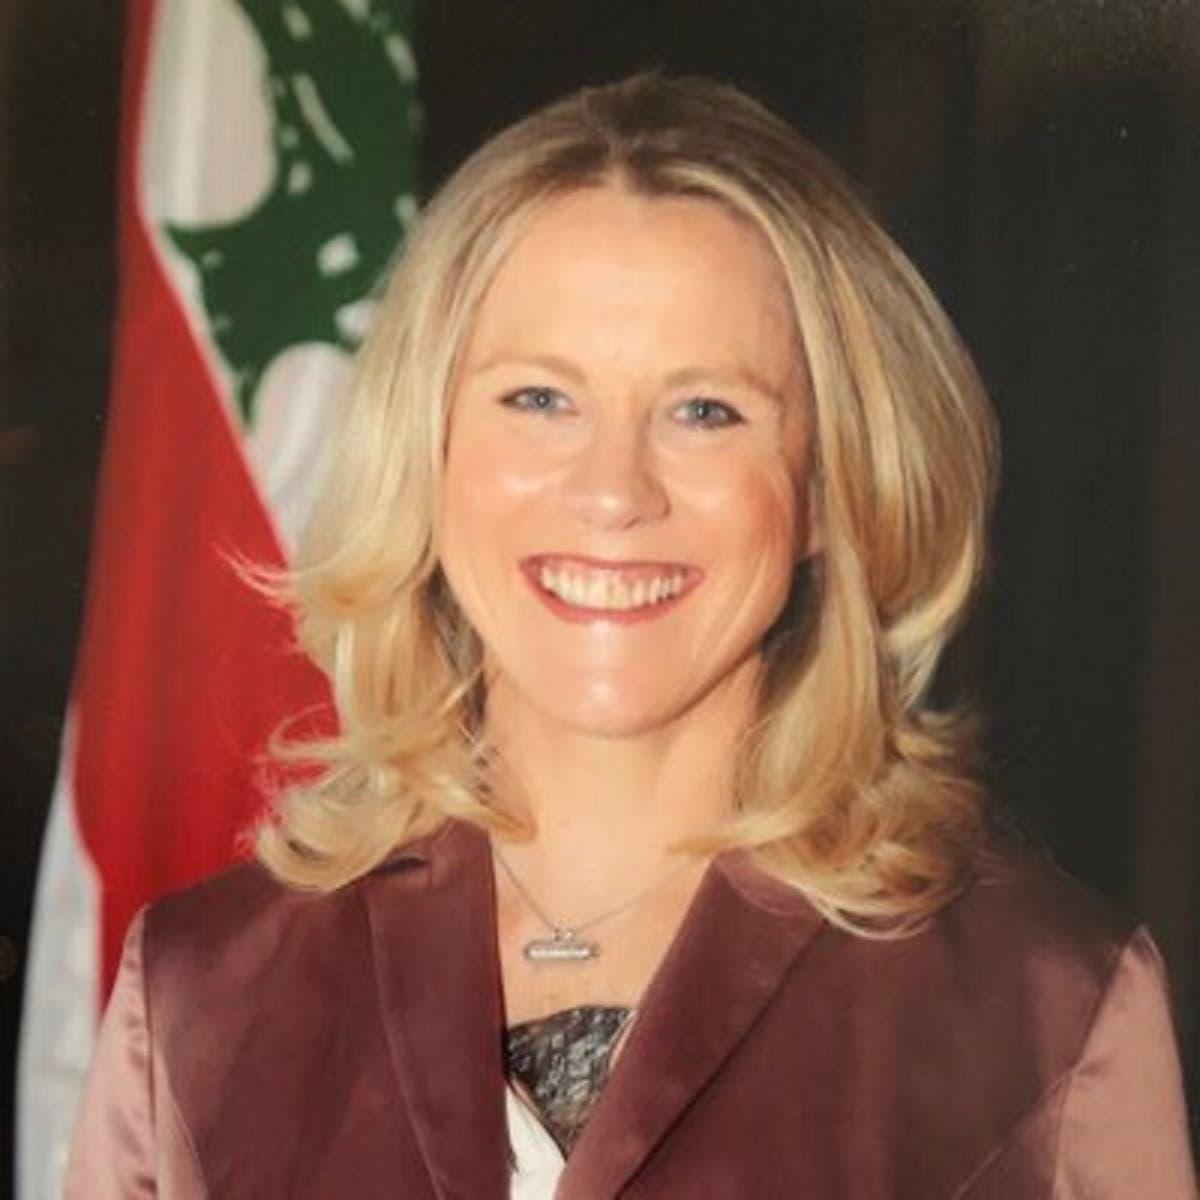 بيروتشيما.. شاهد سفيرة لبنان بالأردن تستقيل على الهواء